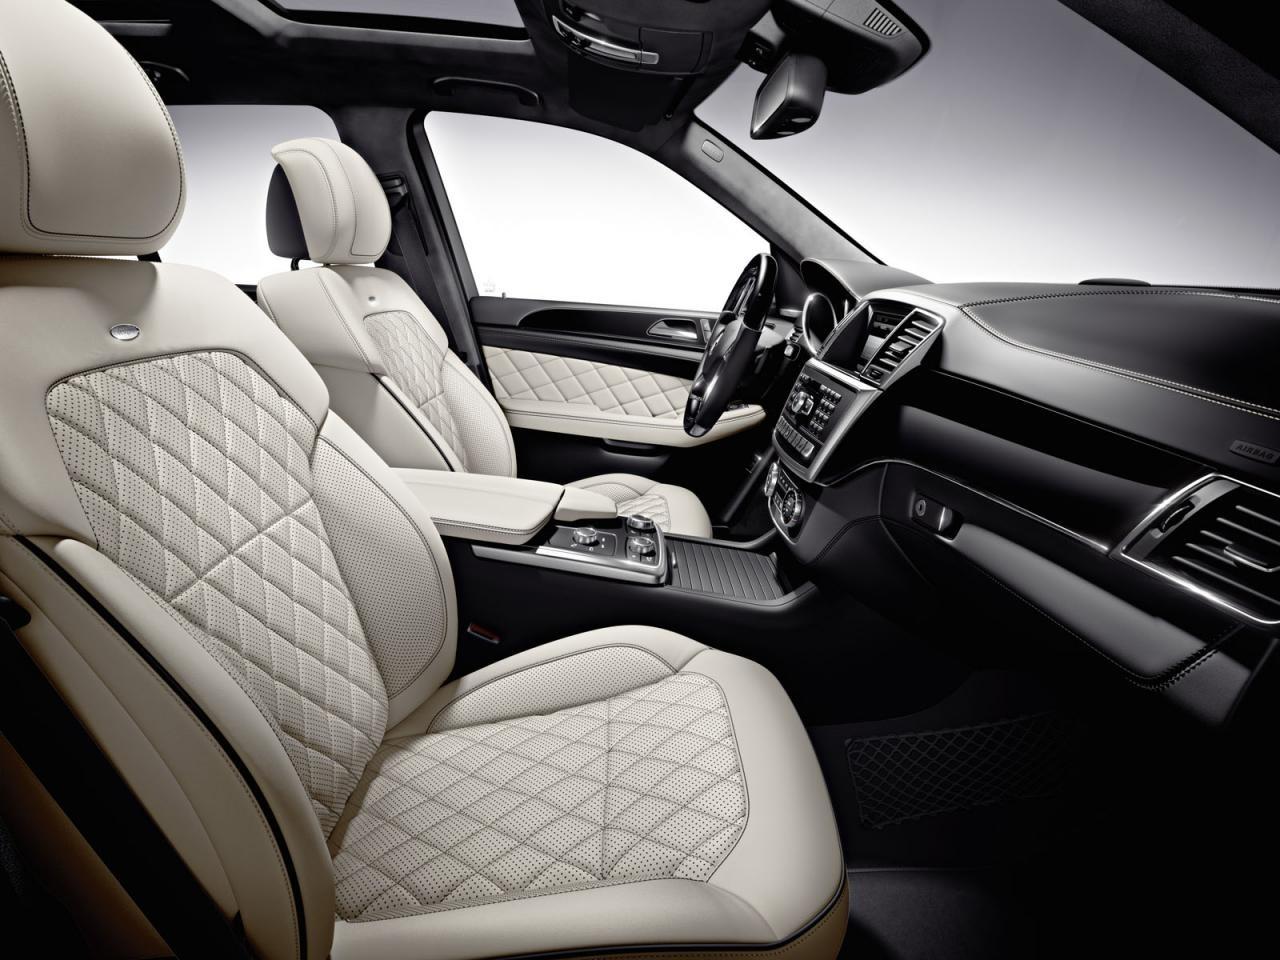 奔驰将推出新款ML 500车型 预计秋季上市